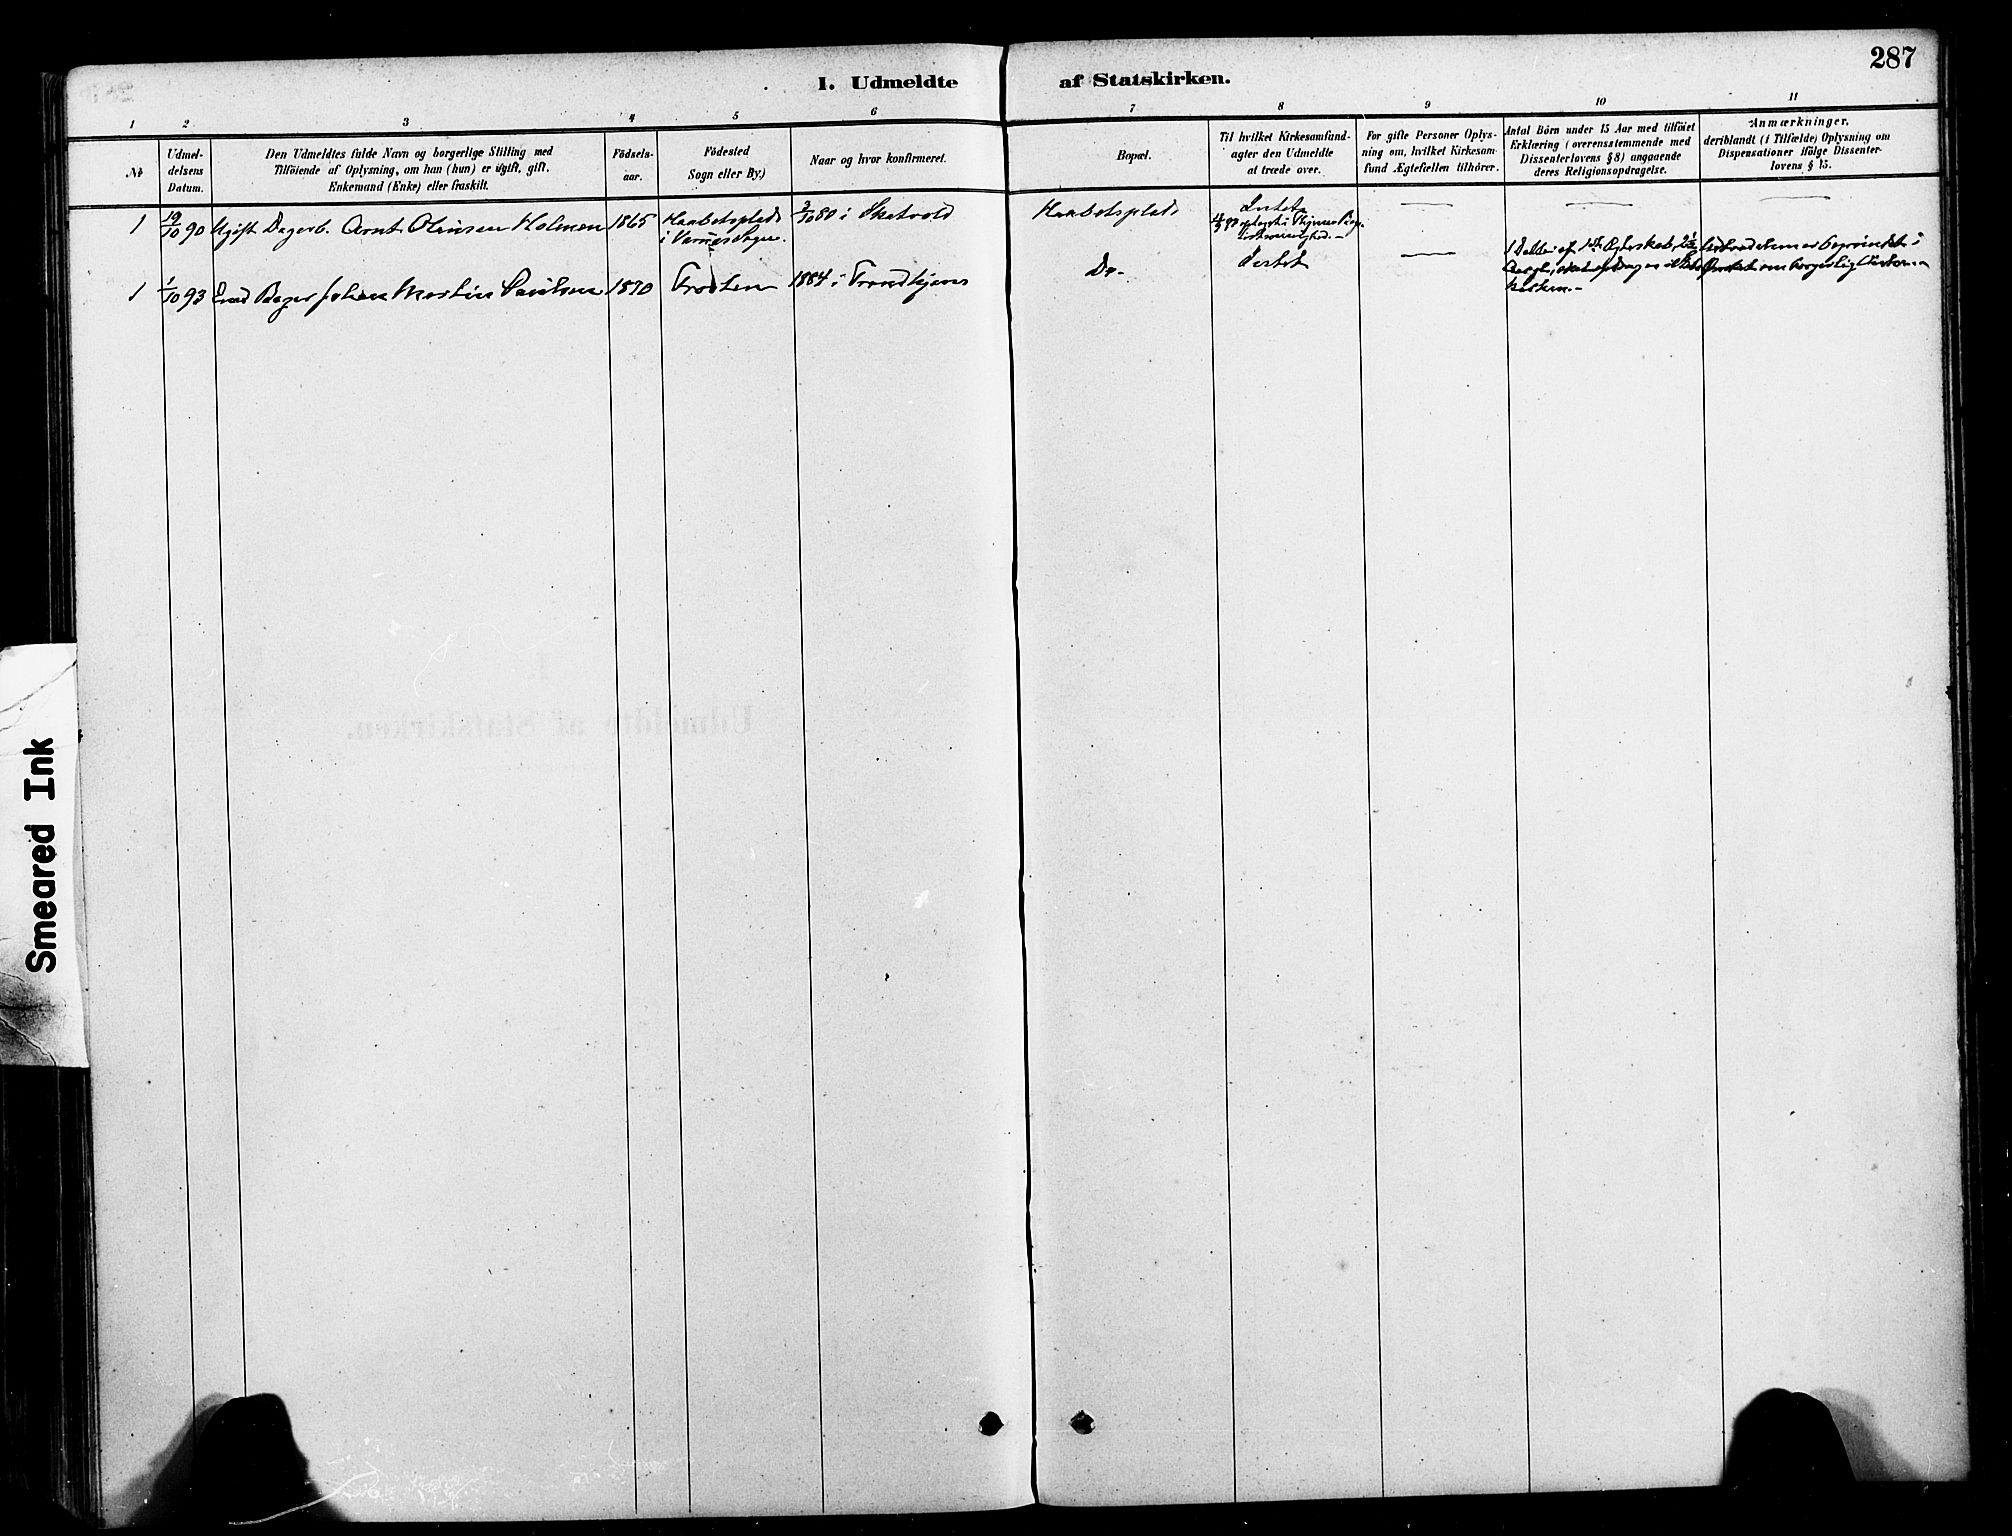 SAT, Ministerialprotokoller, klokkerbøker og fødselsregistre - Nord-Trøndelag, 709/L0077: Ministerialbok nr. 709A17, 1880-1895, s. 287